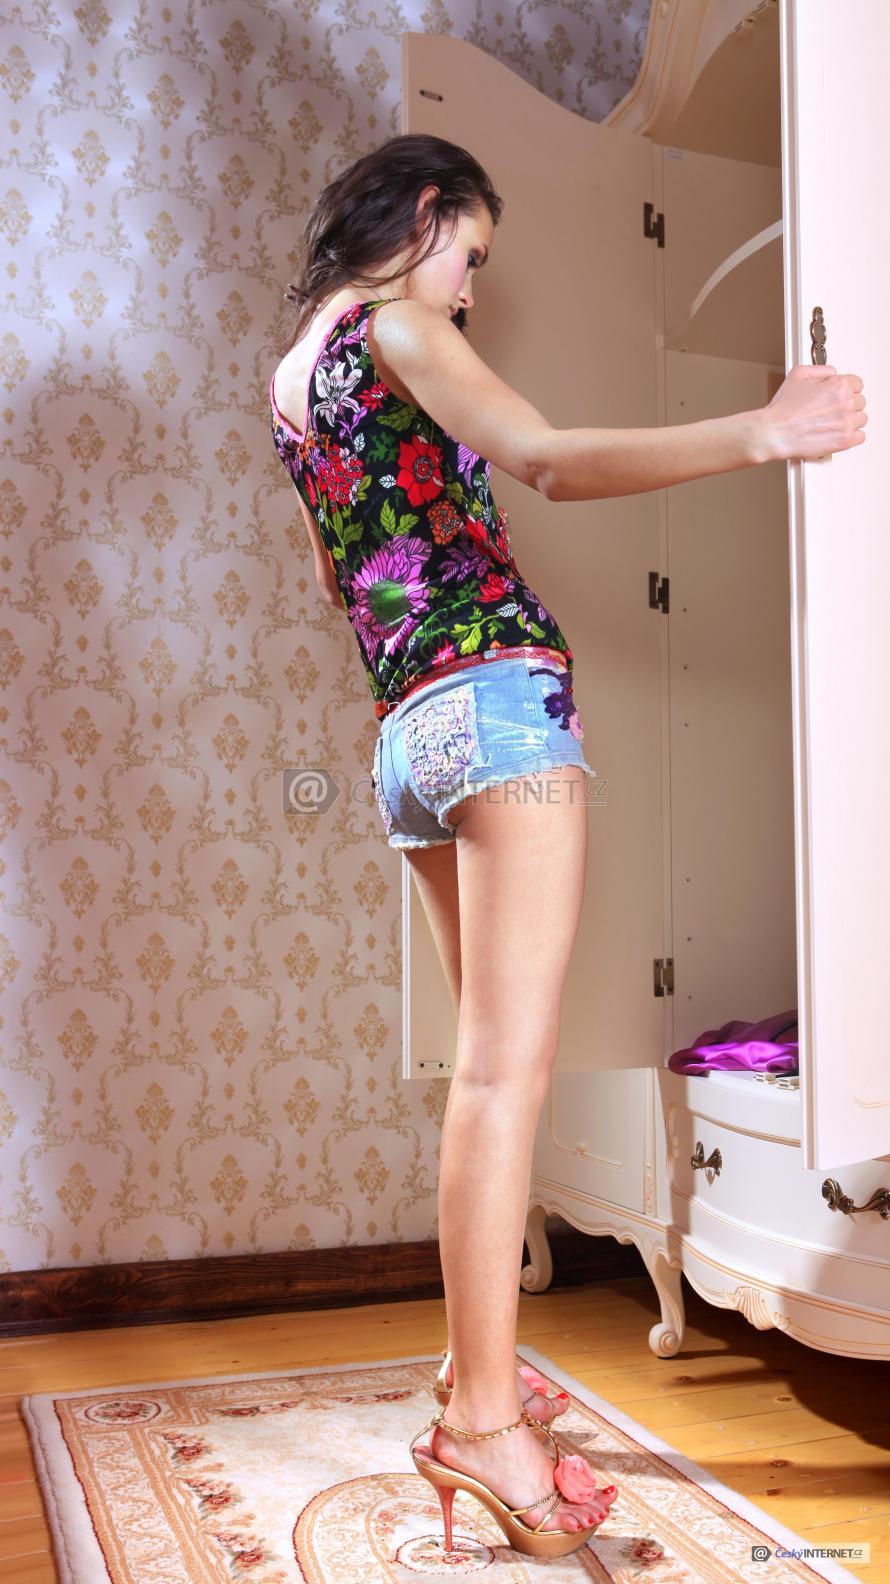 Dívka kouká do šatní skříně.